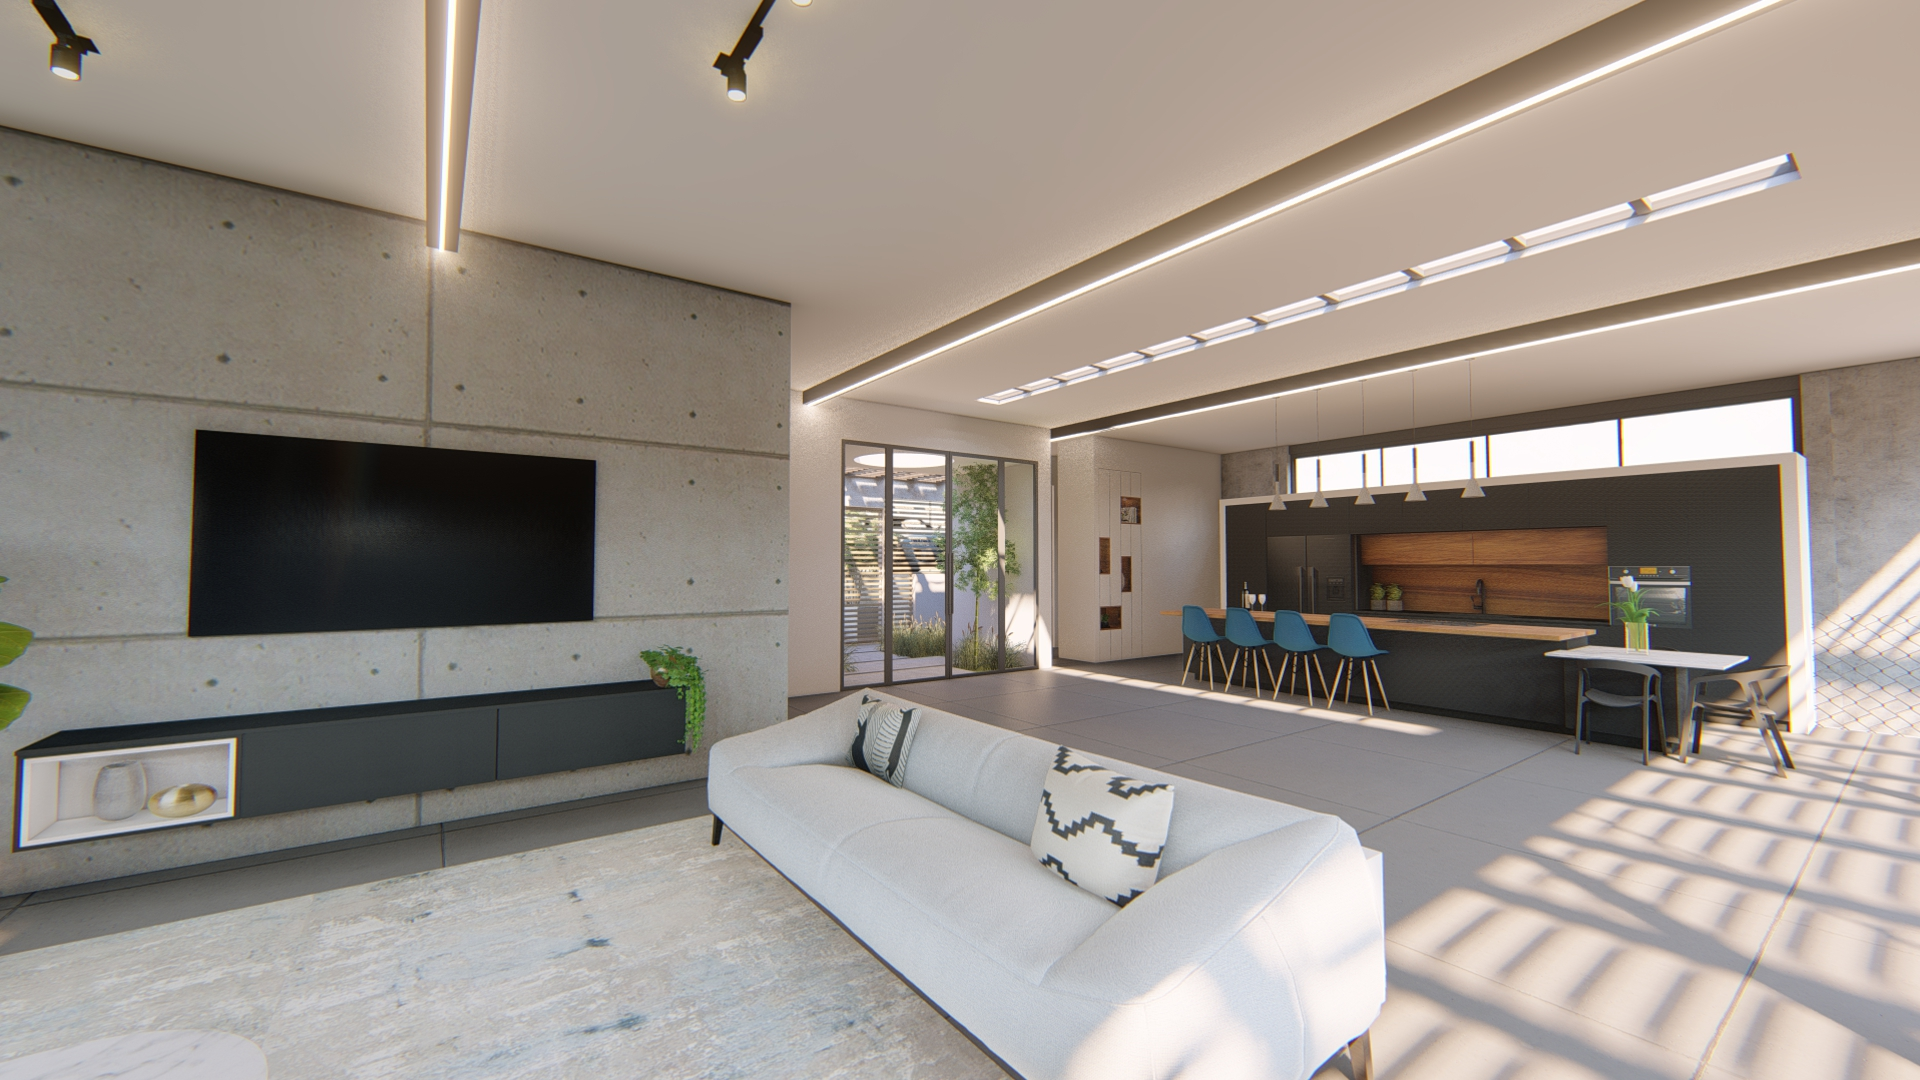 אדריכלות וילה בקיסריה